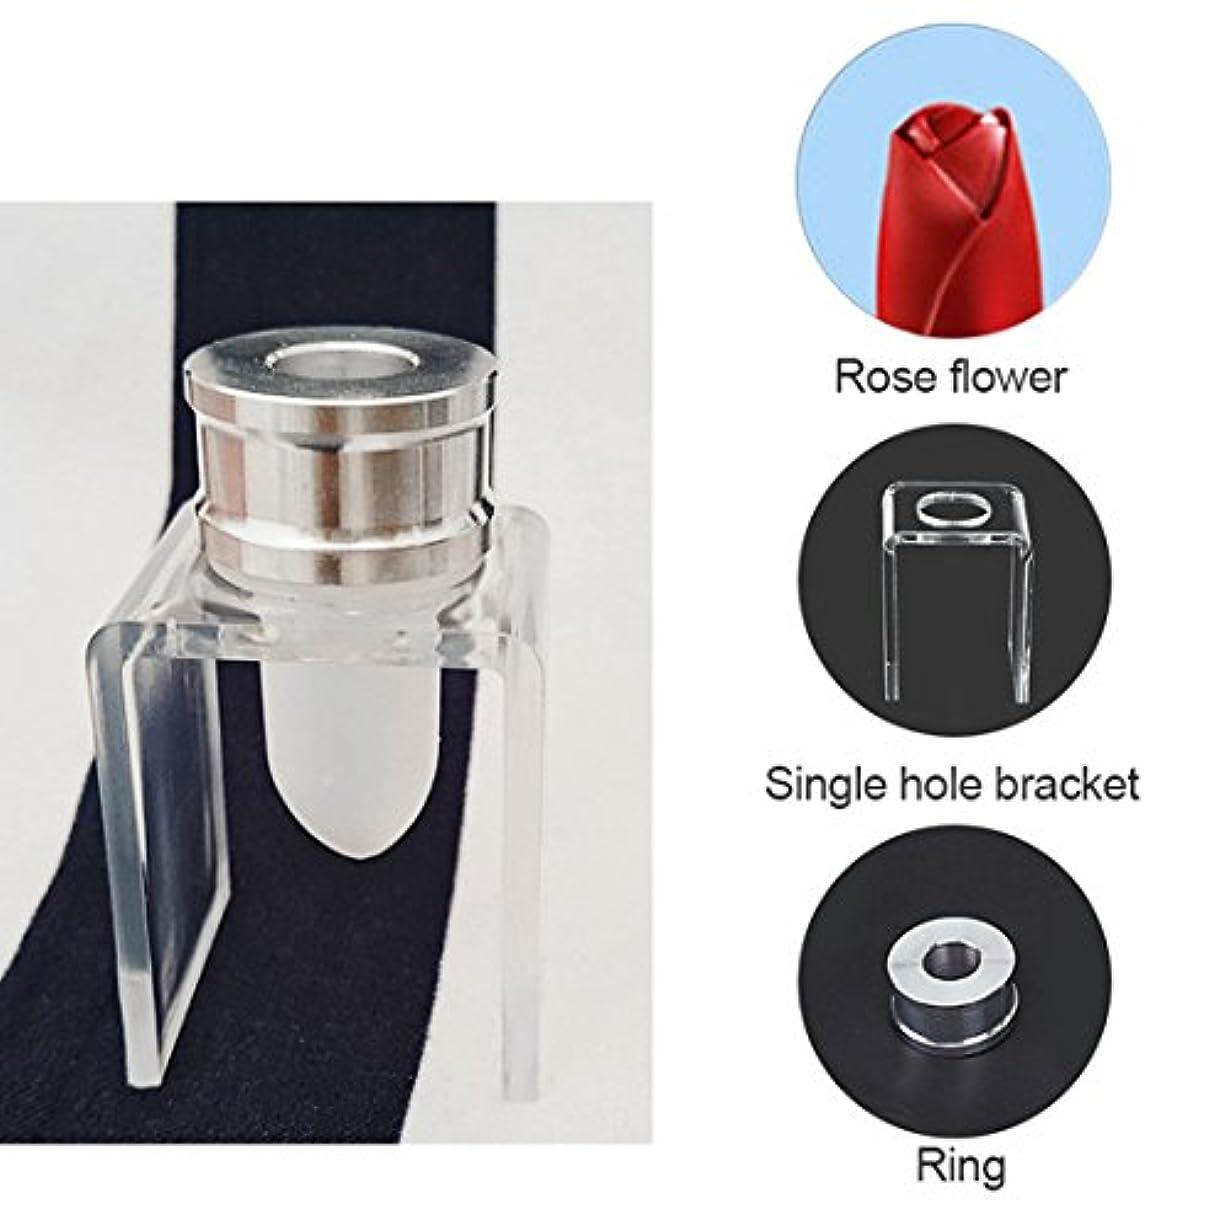 視聴者サスペンション略すSODIAL 3セット DIY 12.1mm シンプルな口紅の充填チューブ シリコーン金型 アルミリング シングルホールブラケット 手作りの口紅ツール シンプルなセット バラ